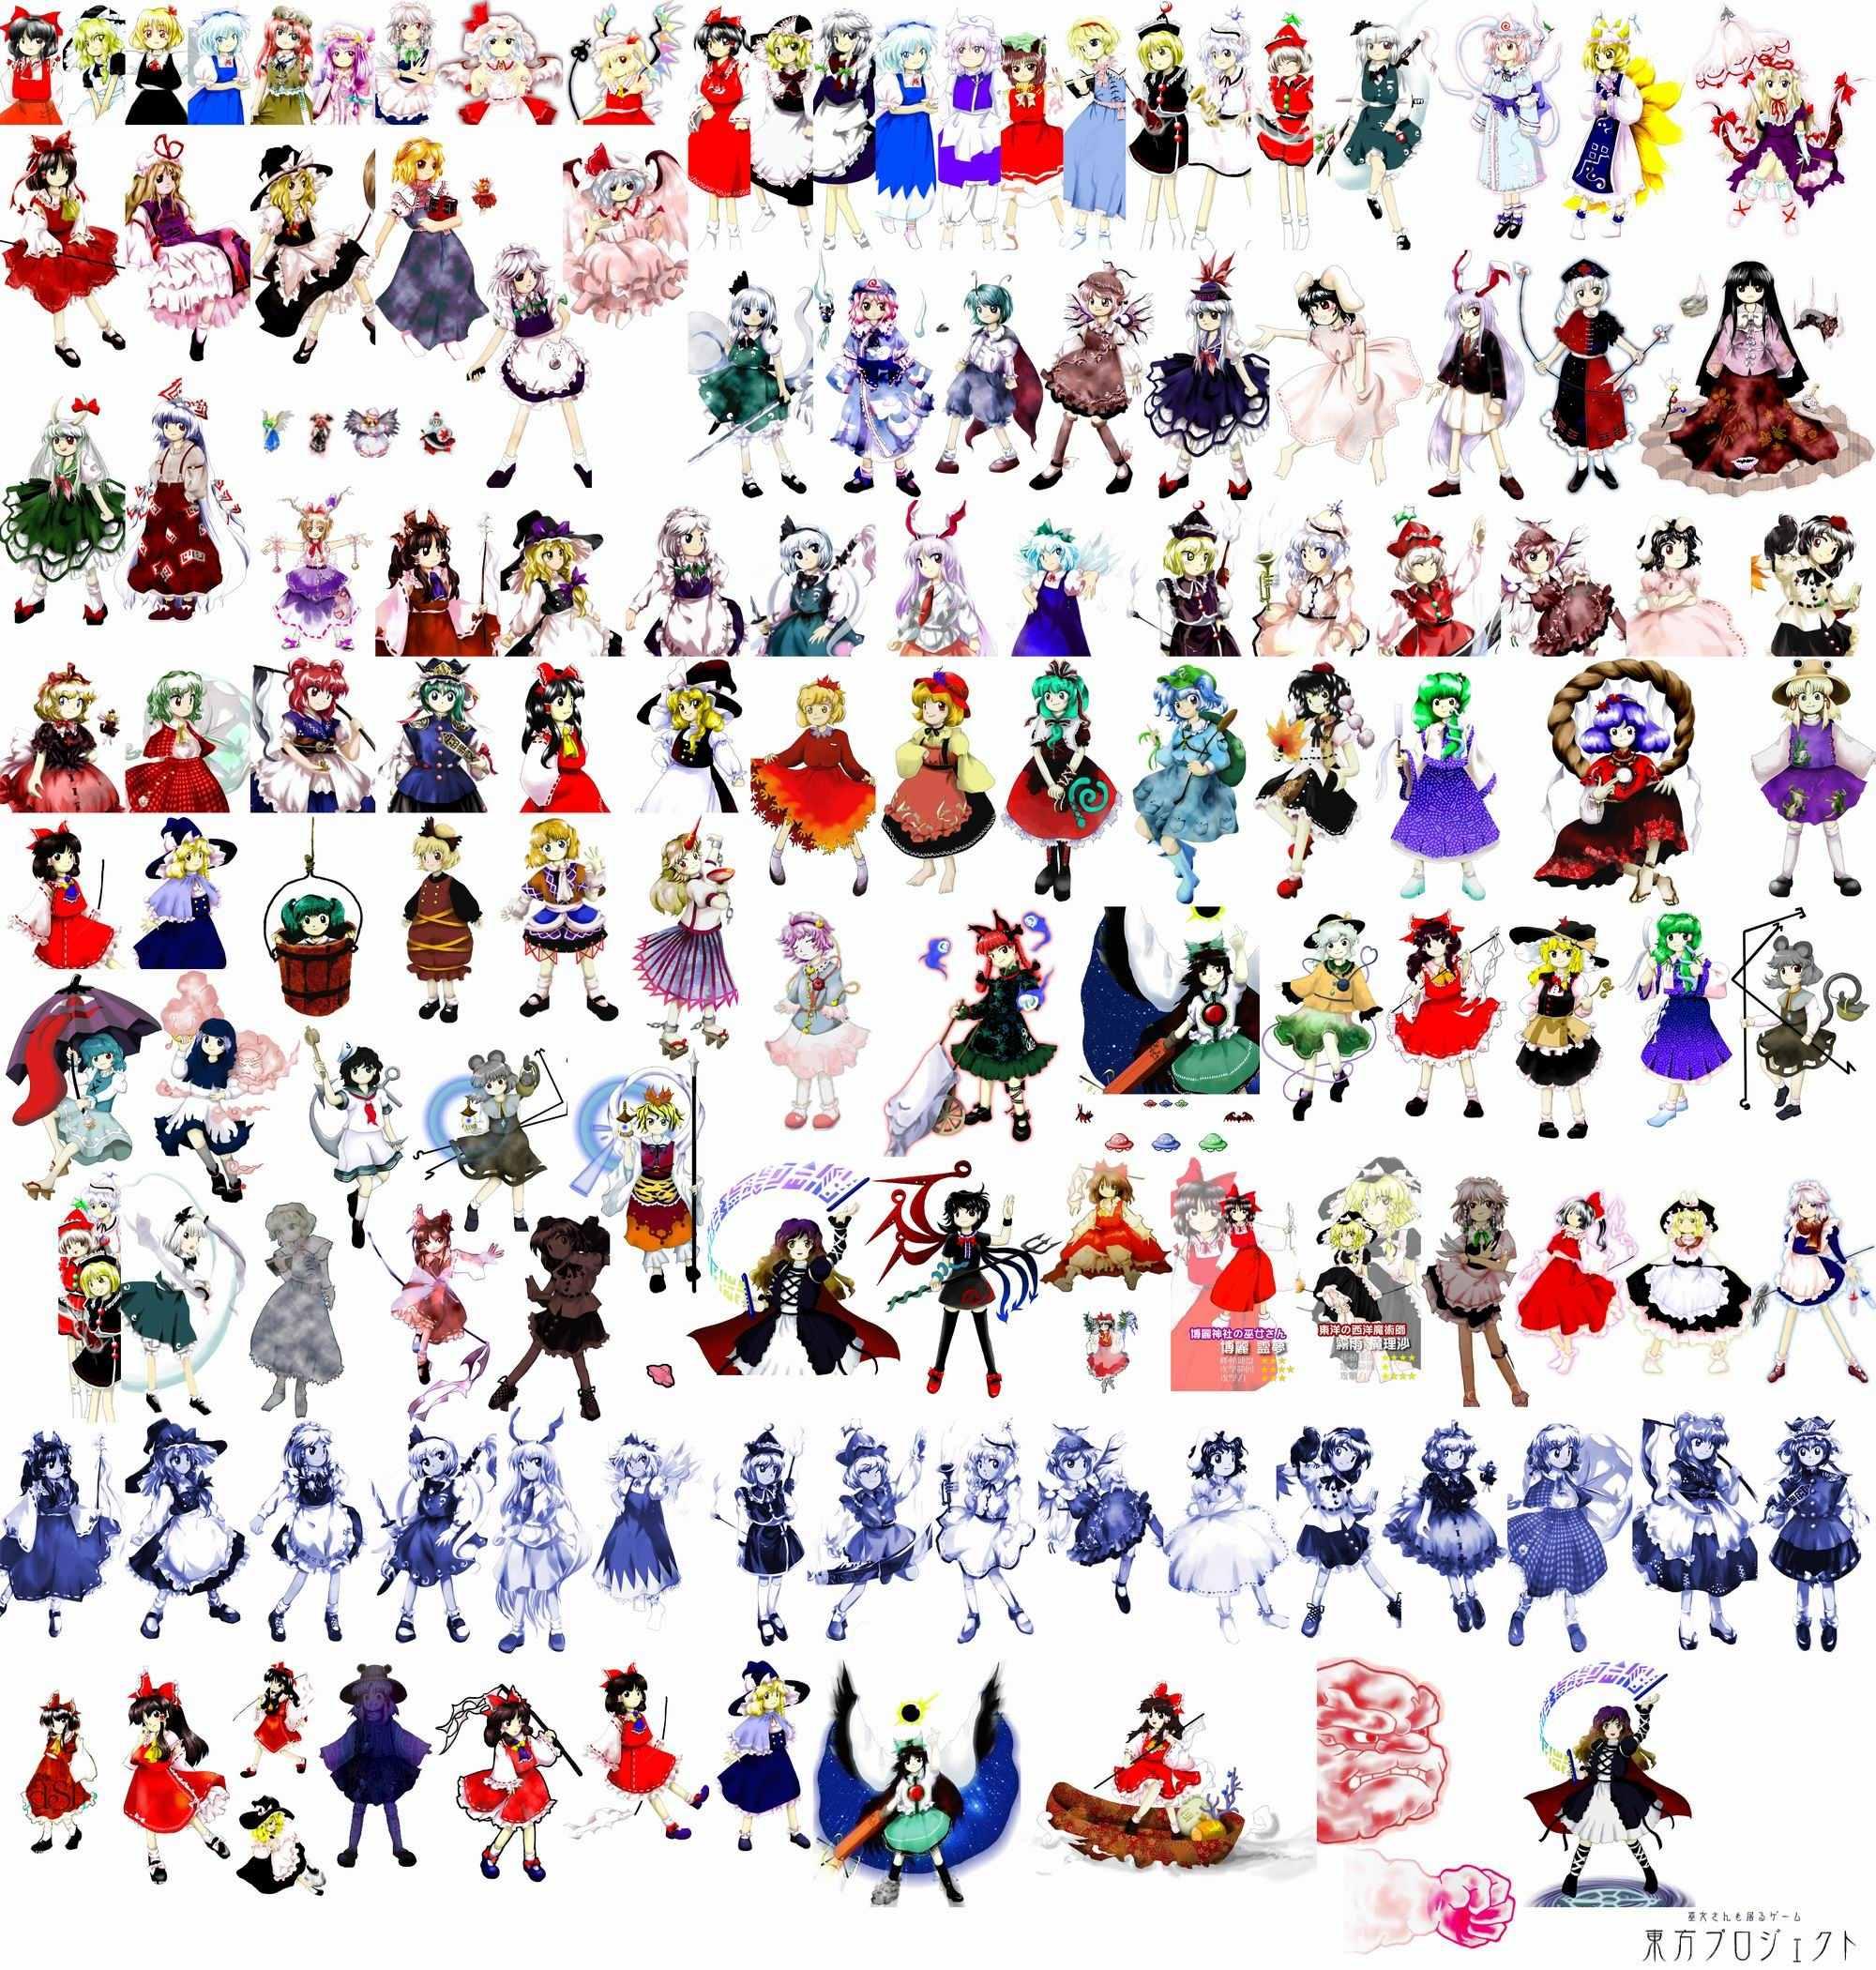 キャラクターの身長 - 東方キャラ性格まとめ Wiki*